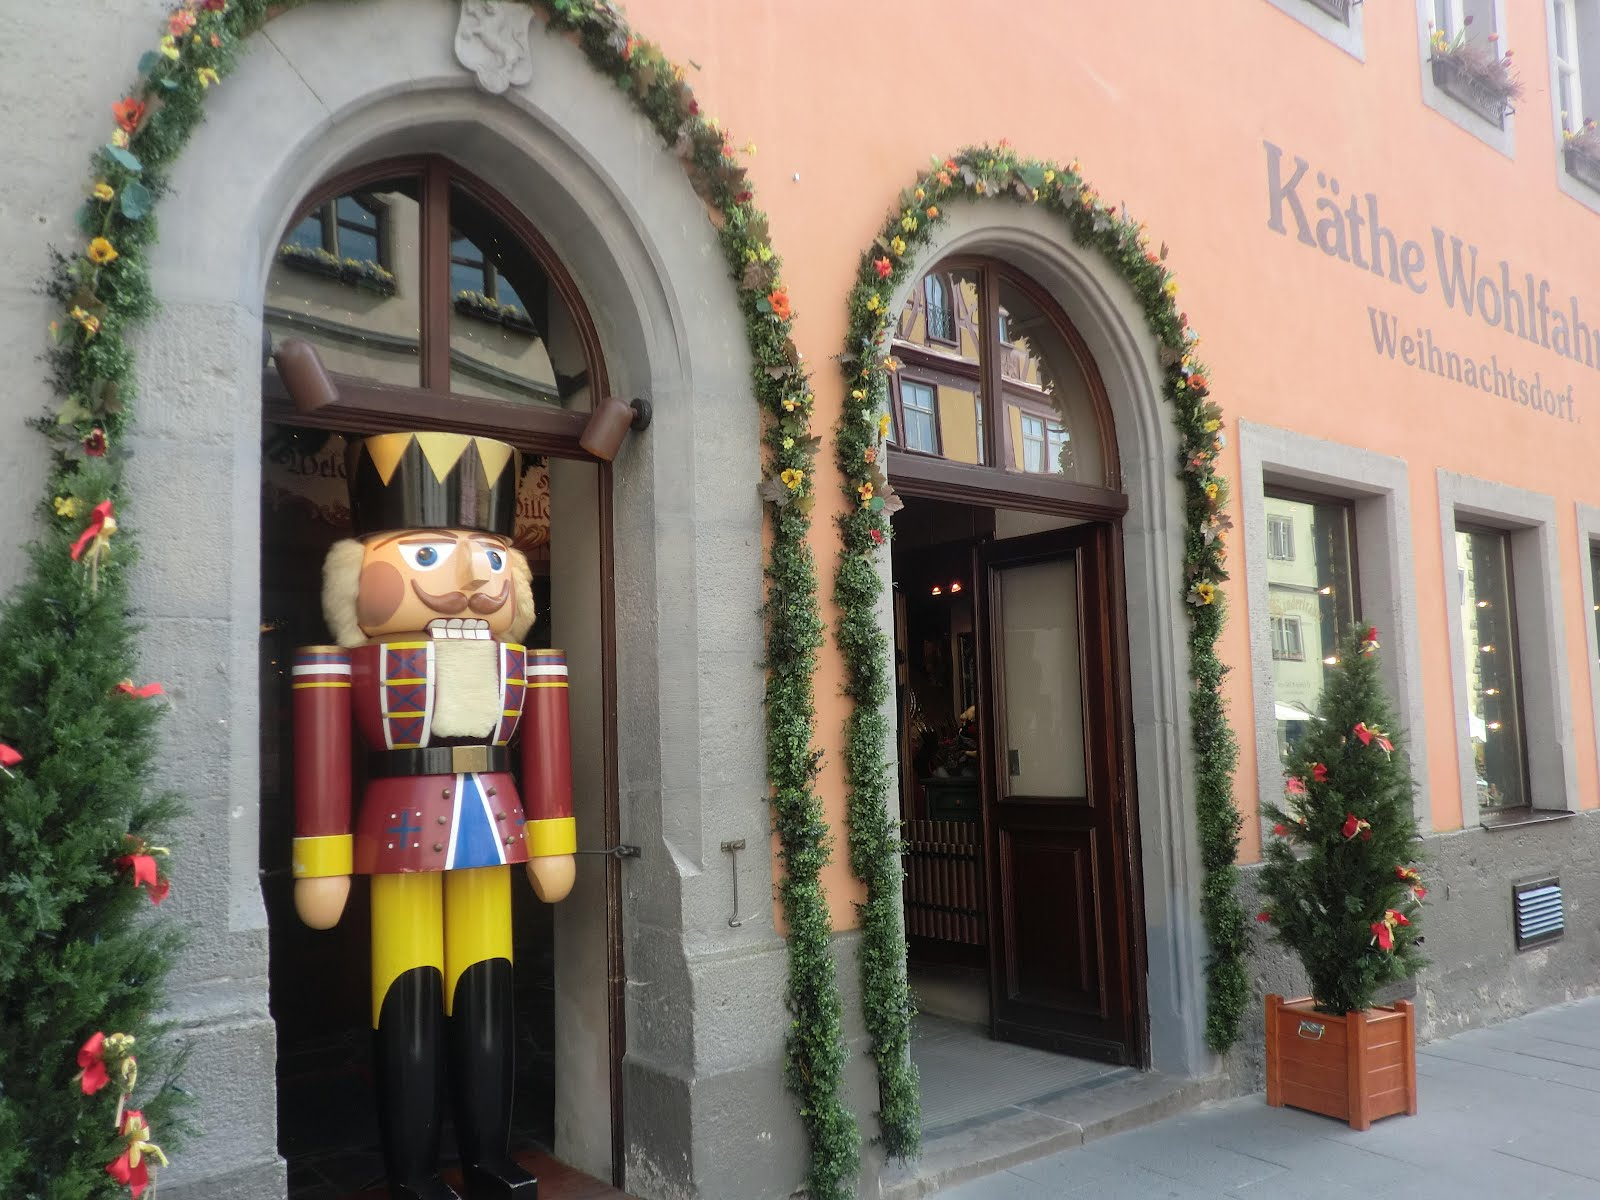 Rothenburg Ob Der Tauber Käthe Wohlfahrt